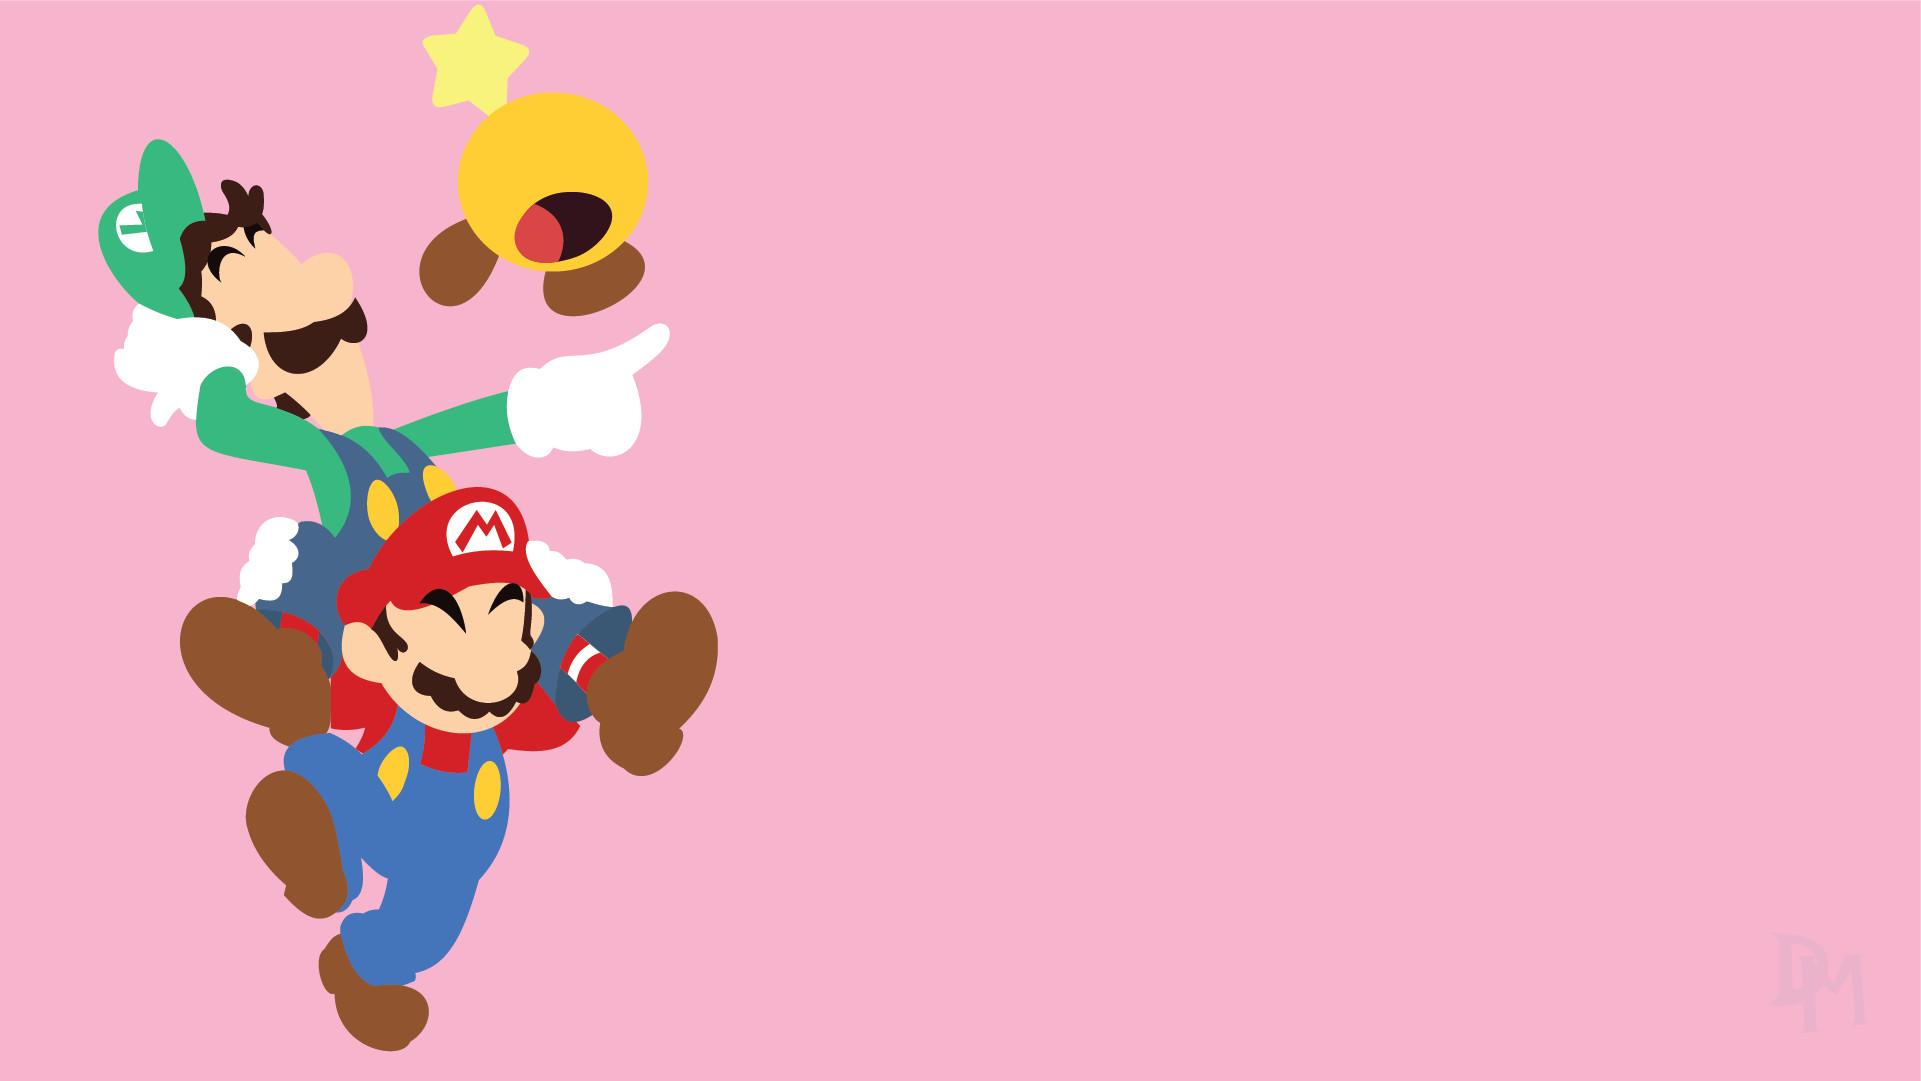 Mario And Luigi Wallpaper 62 Images